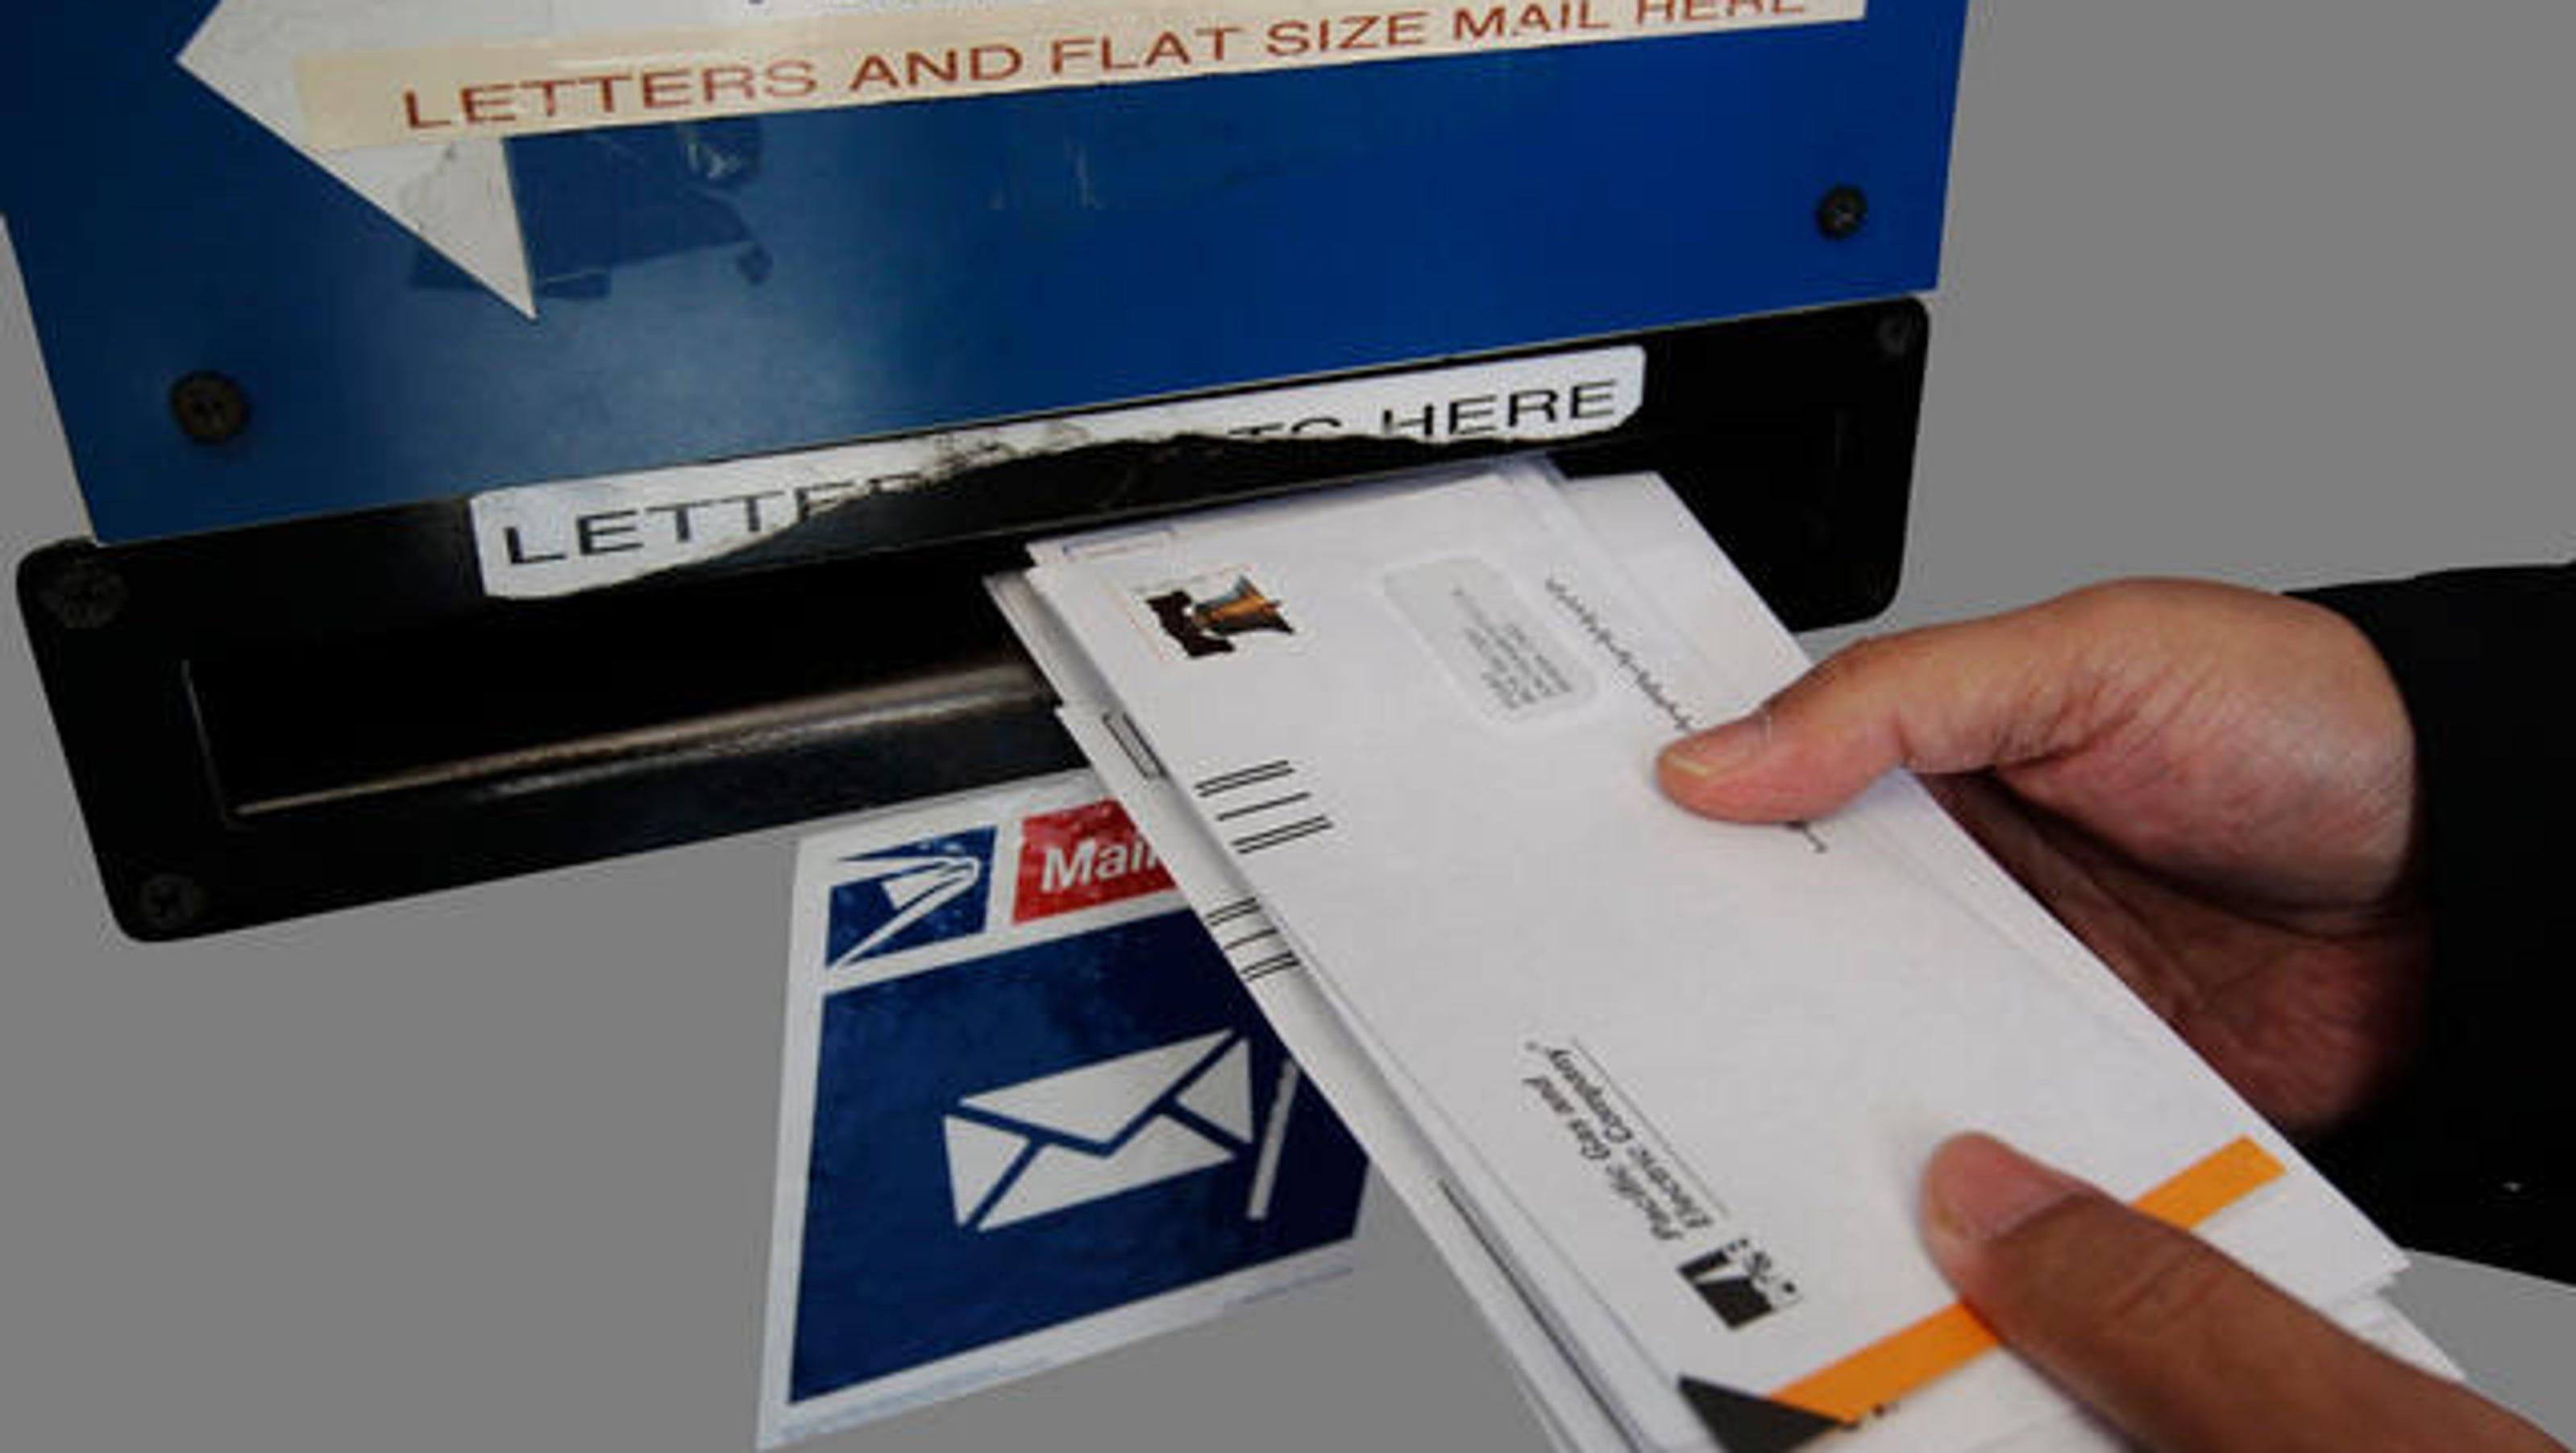 Uspis postal inspector : Ticker chart